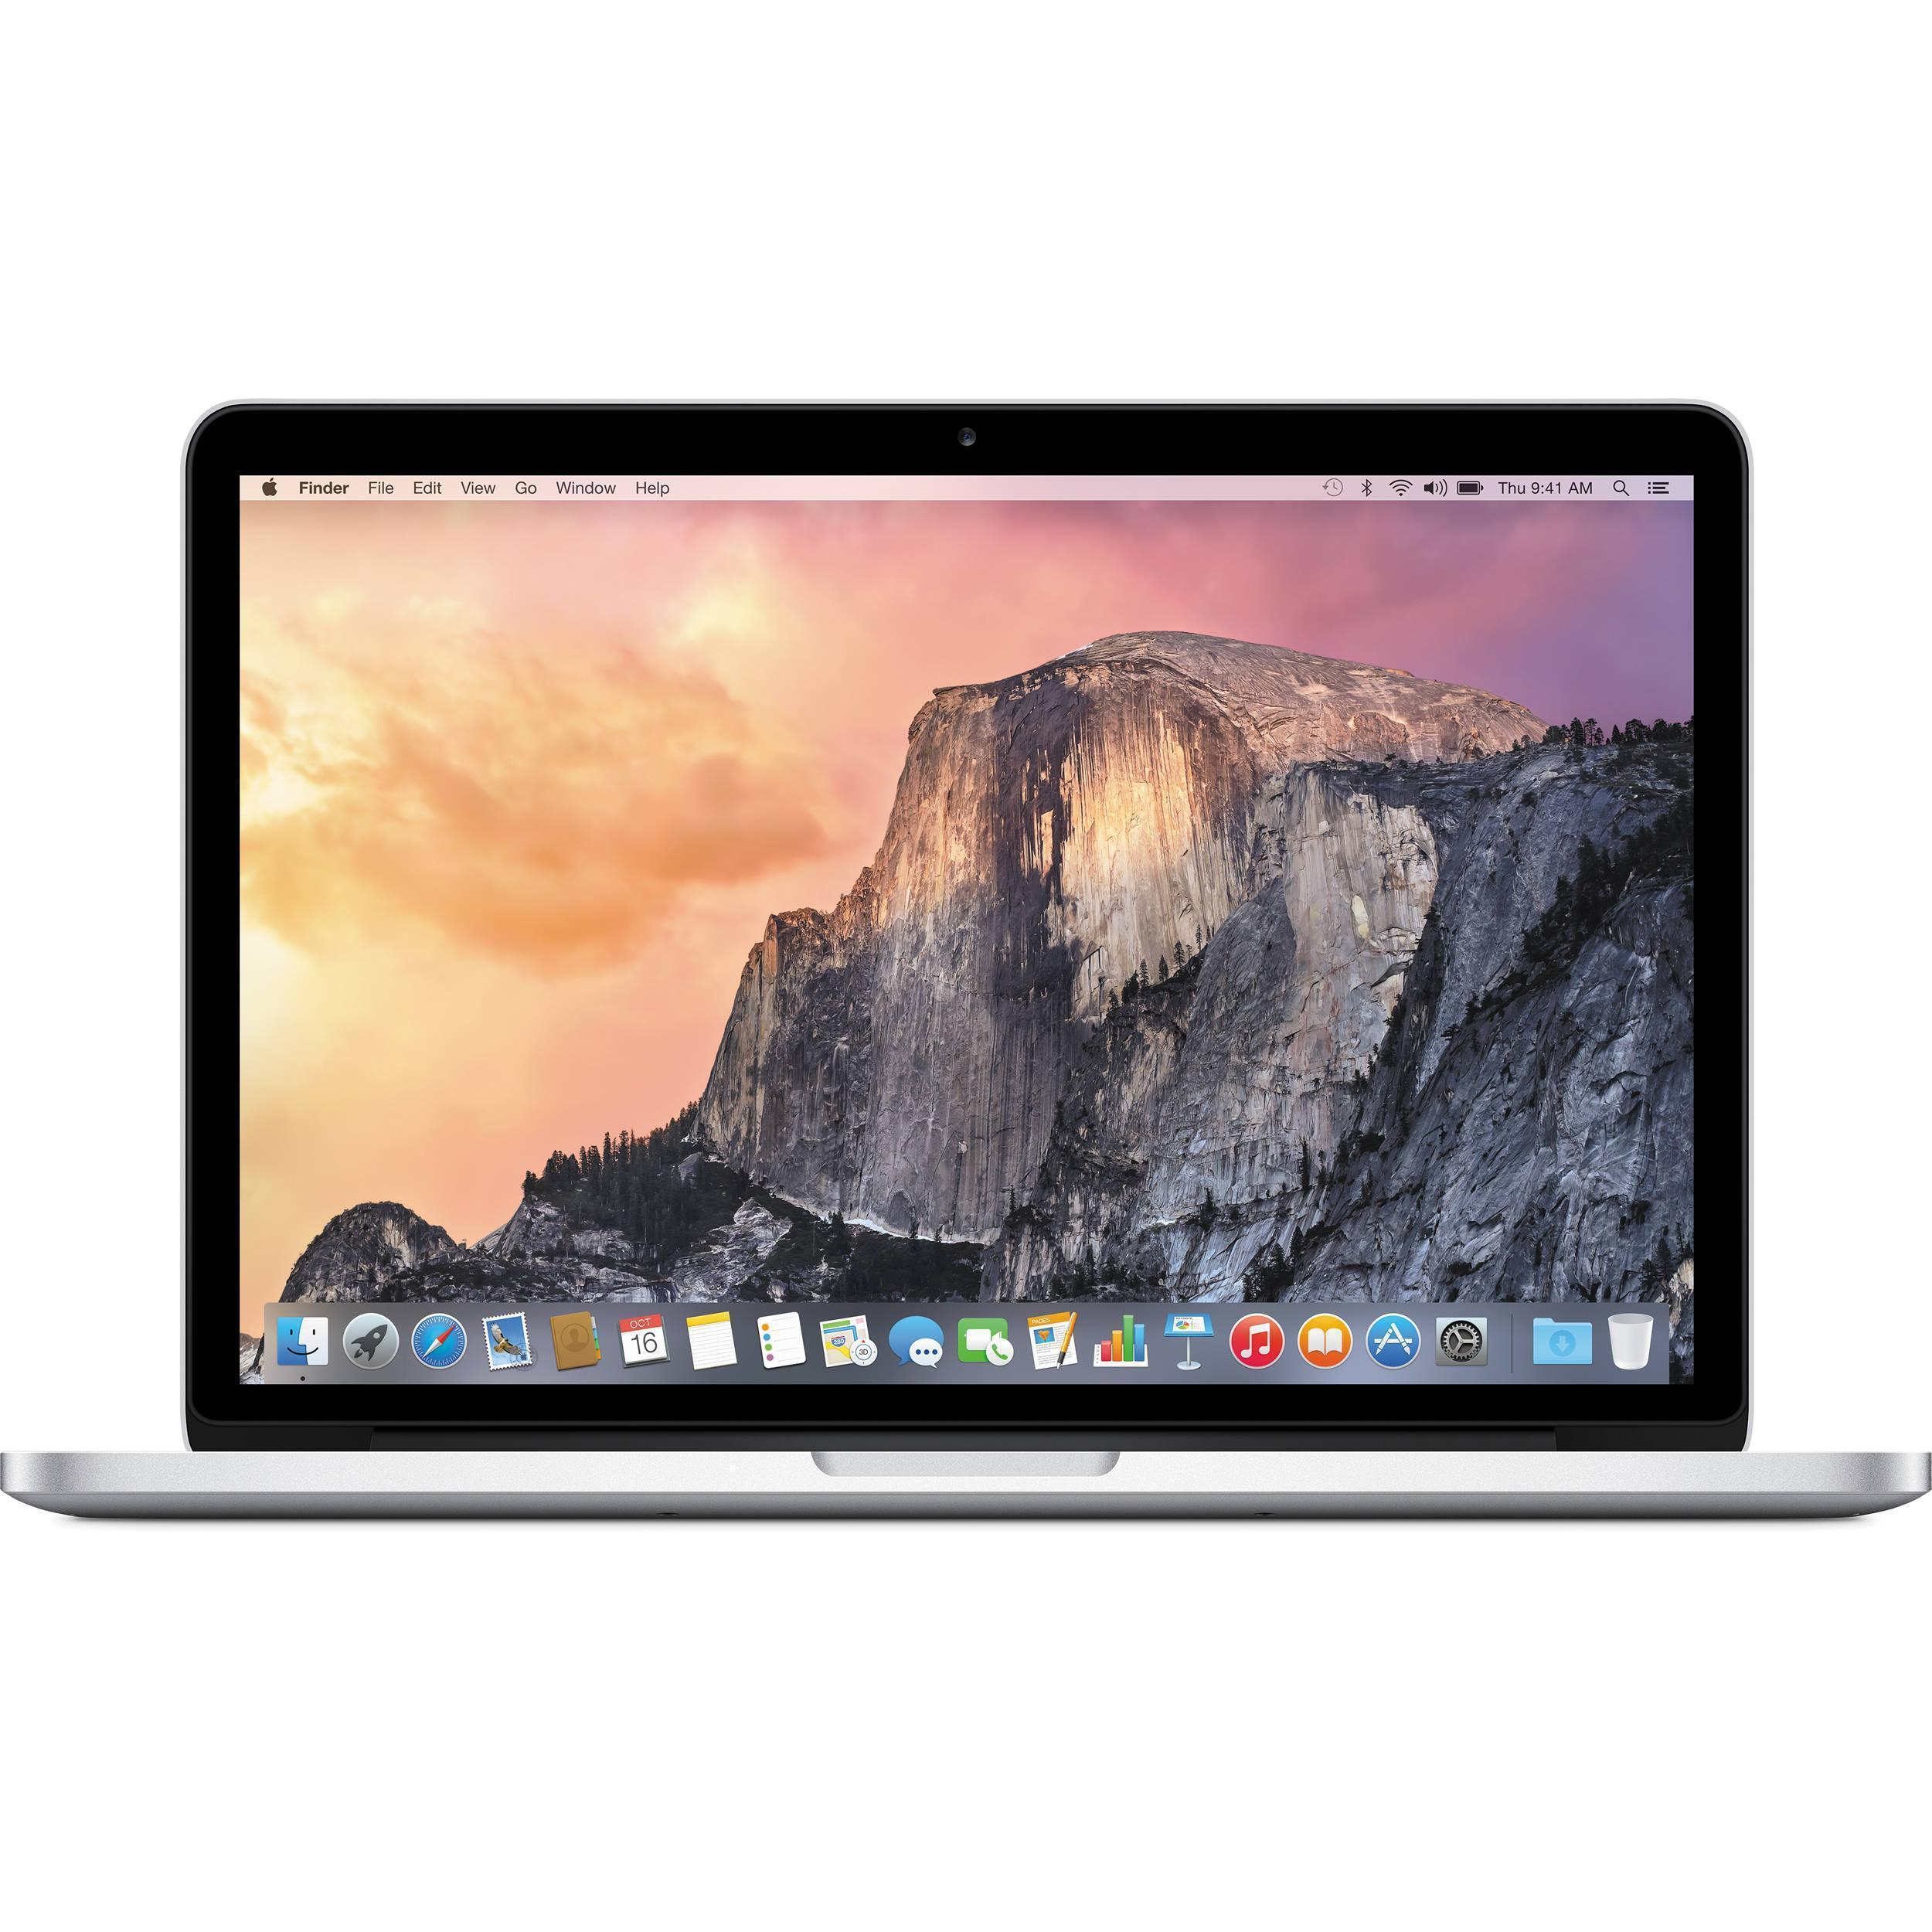 MacBook Pro Retina 13.3-inch (2013) - Core i5 - 8GB - SSD 256 GB QWERTZ - German